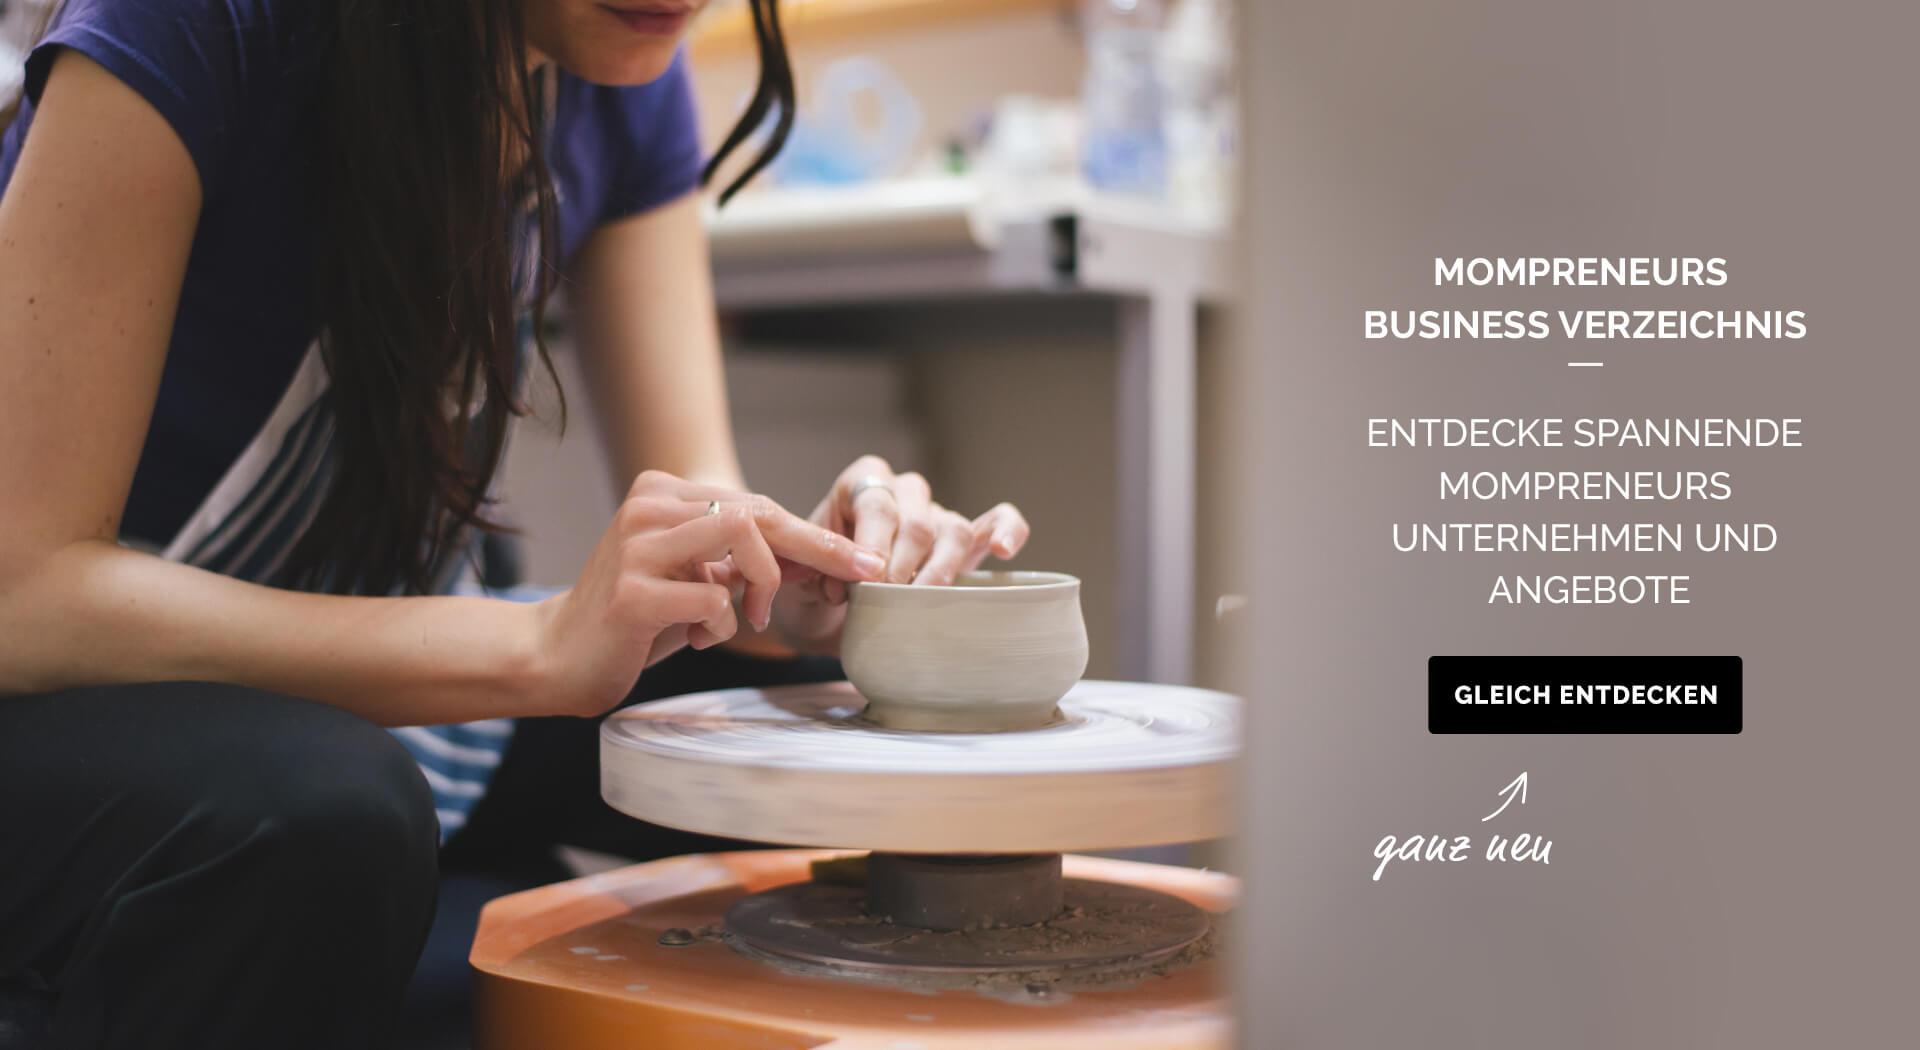 MomPreneurs-Business-Verzeichnis